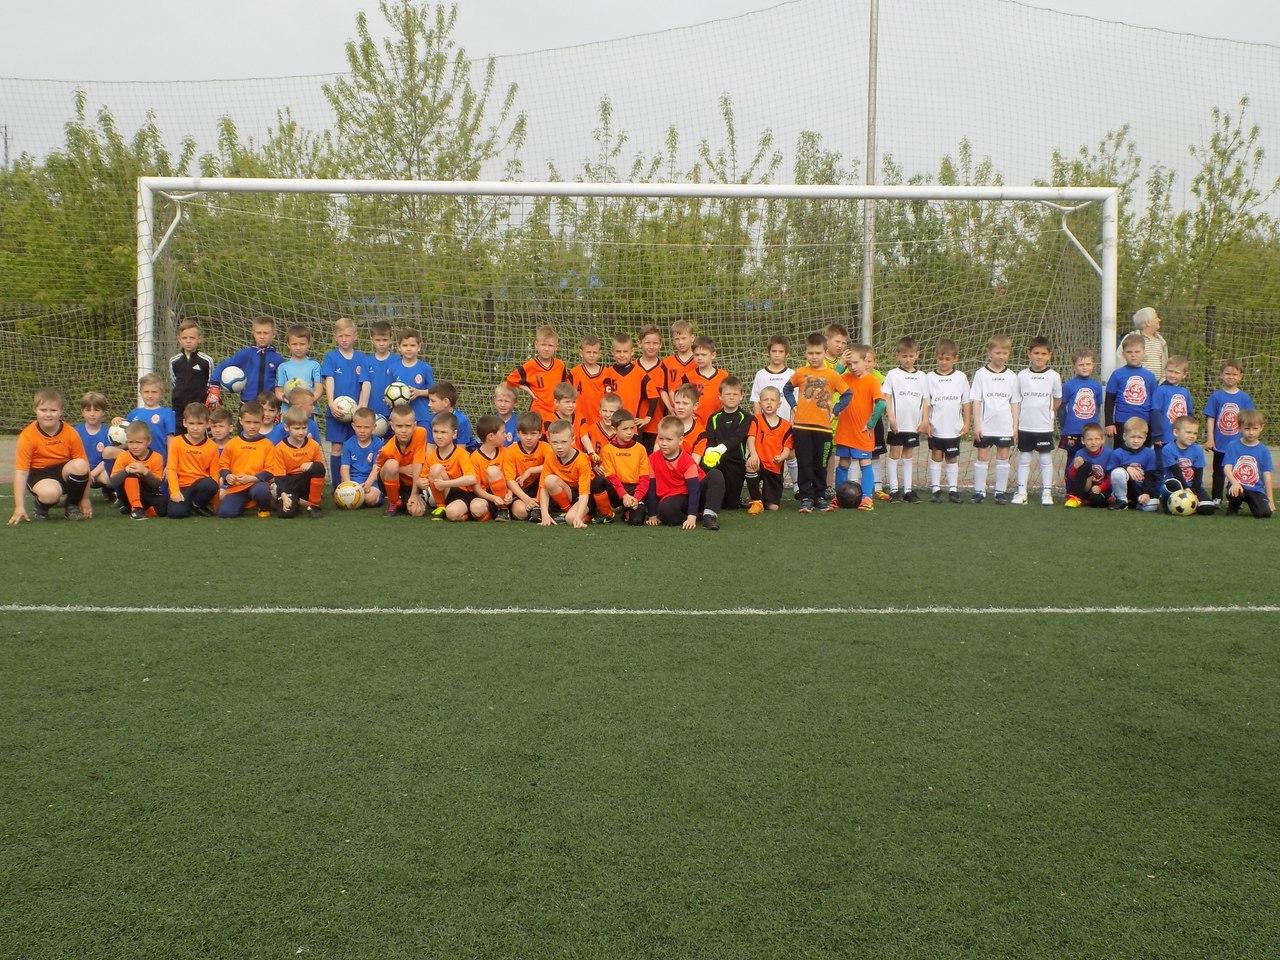 Расписание игр Первенства города Подольска среди детских команд 2006, 2007/2008, 2009/2010 и 2010/2011 г.р. на 14.10.2017 года